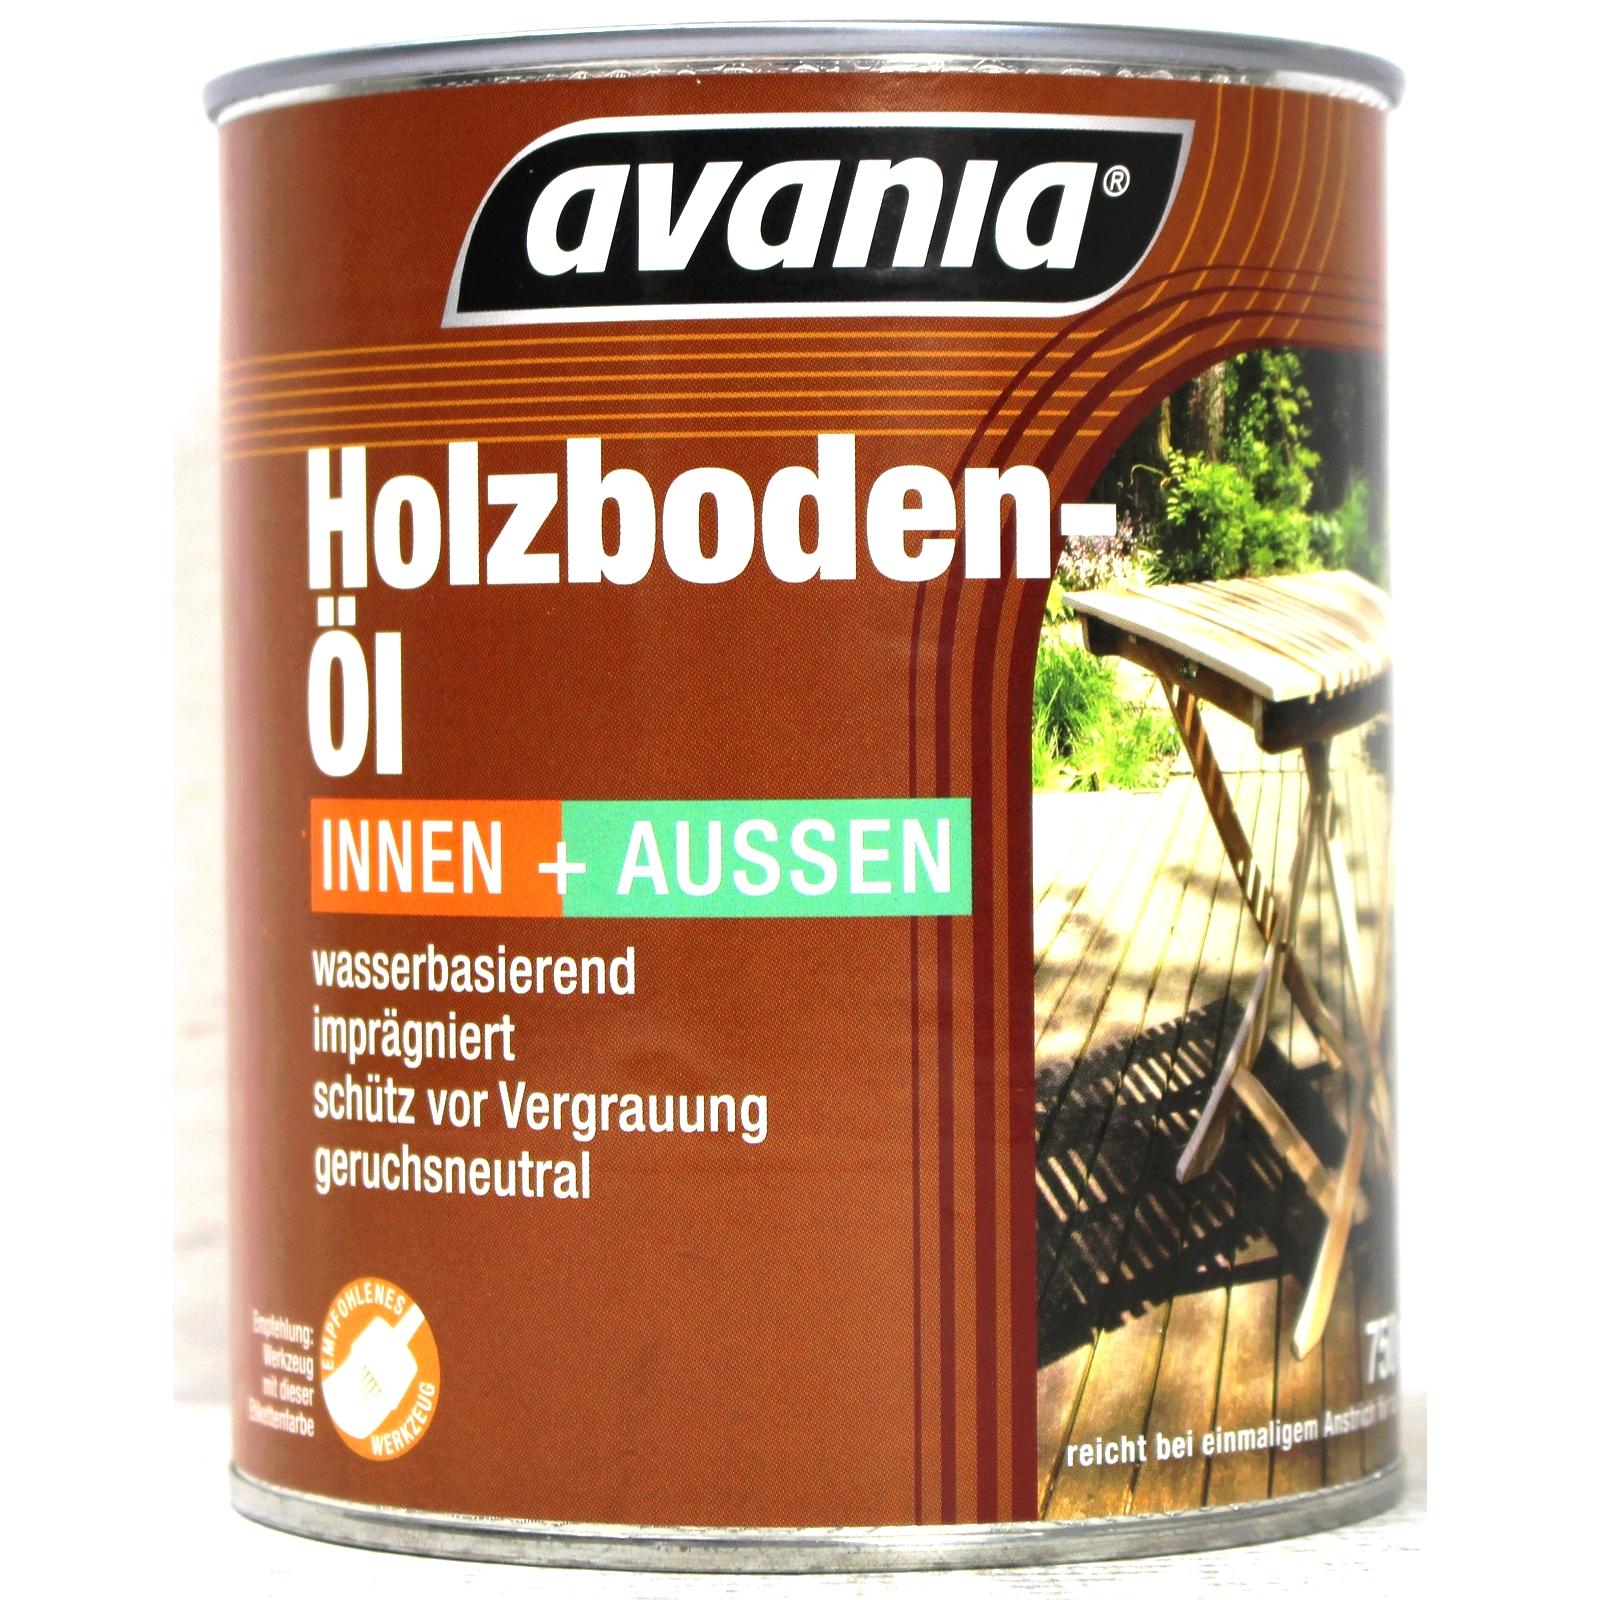 Avania Holzboden Öl für Inne & Außen Farbton Hell 2,5 Liter